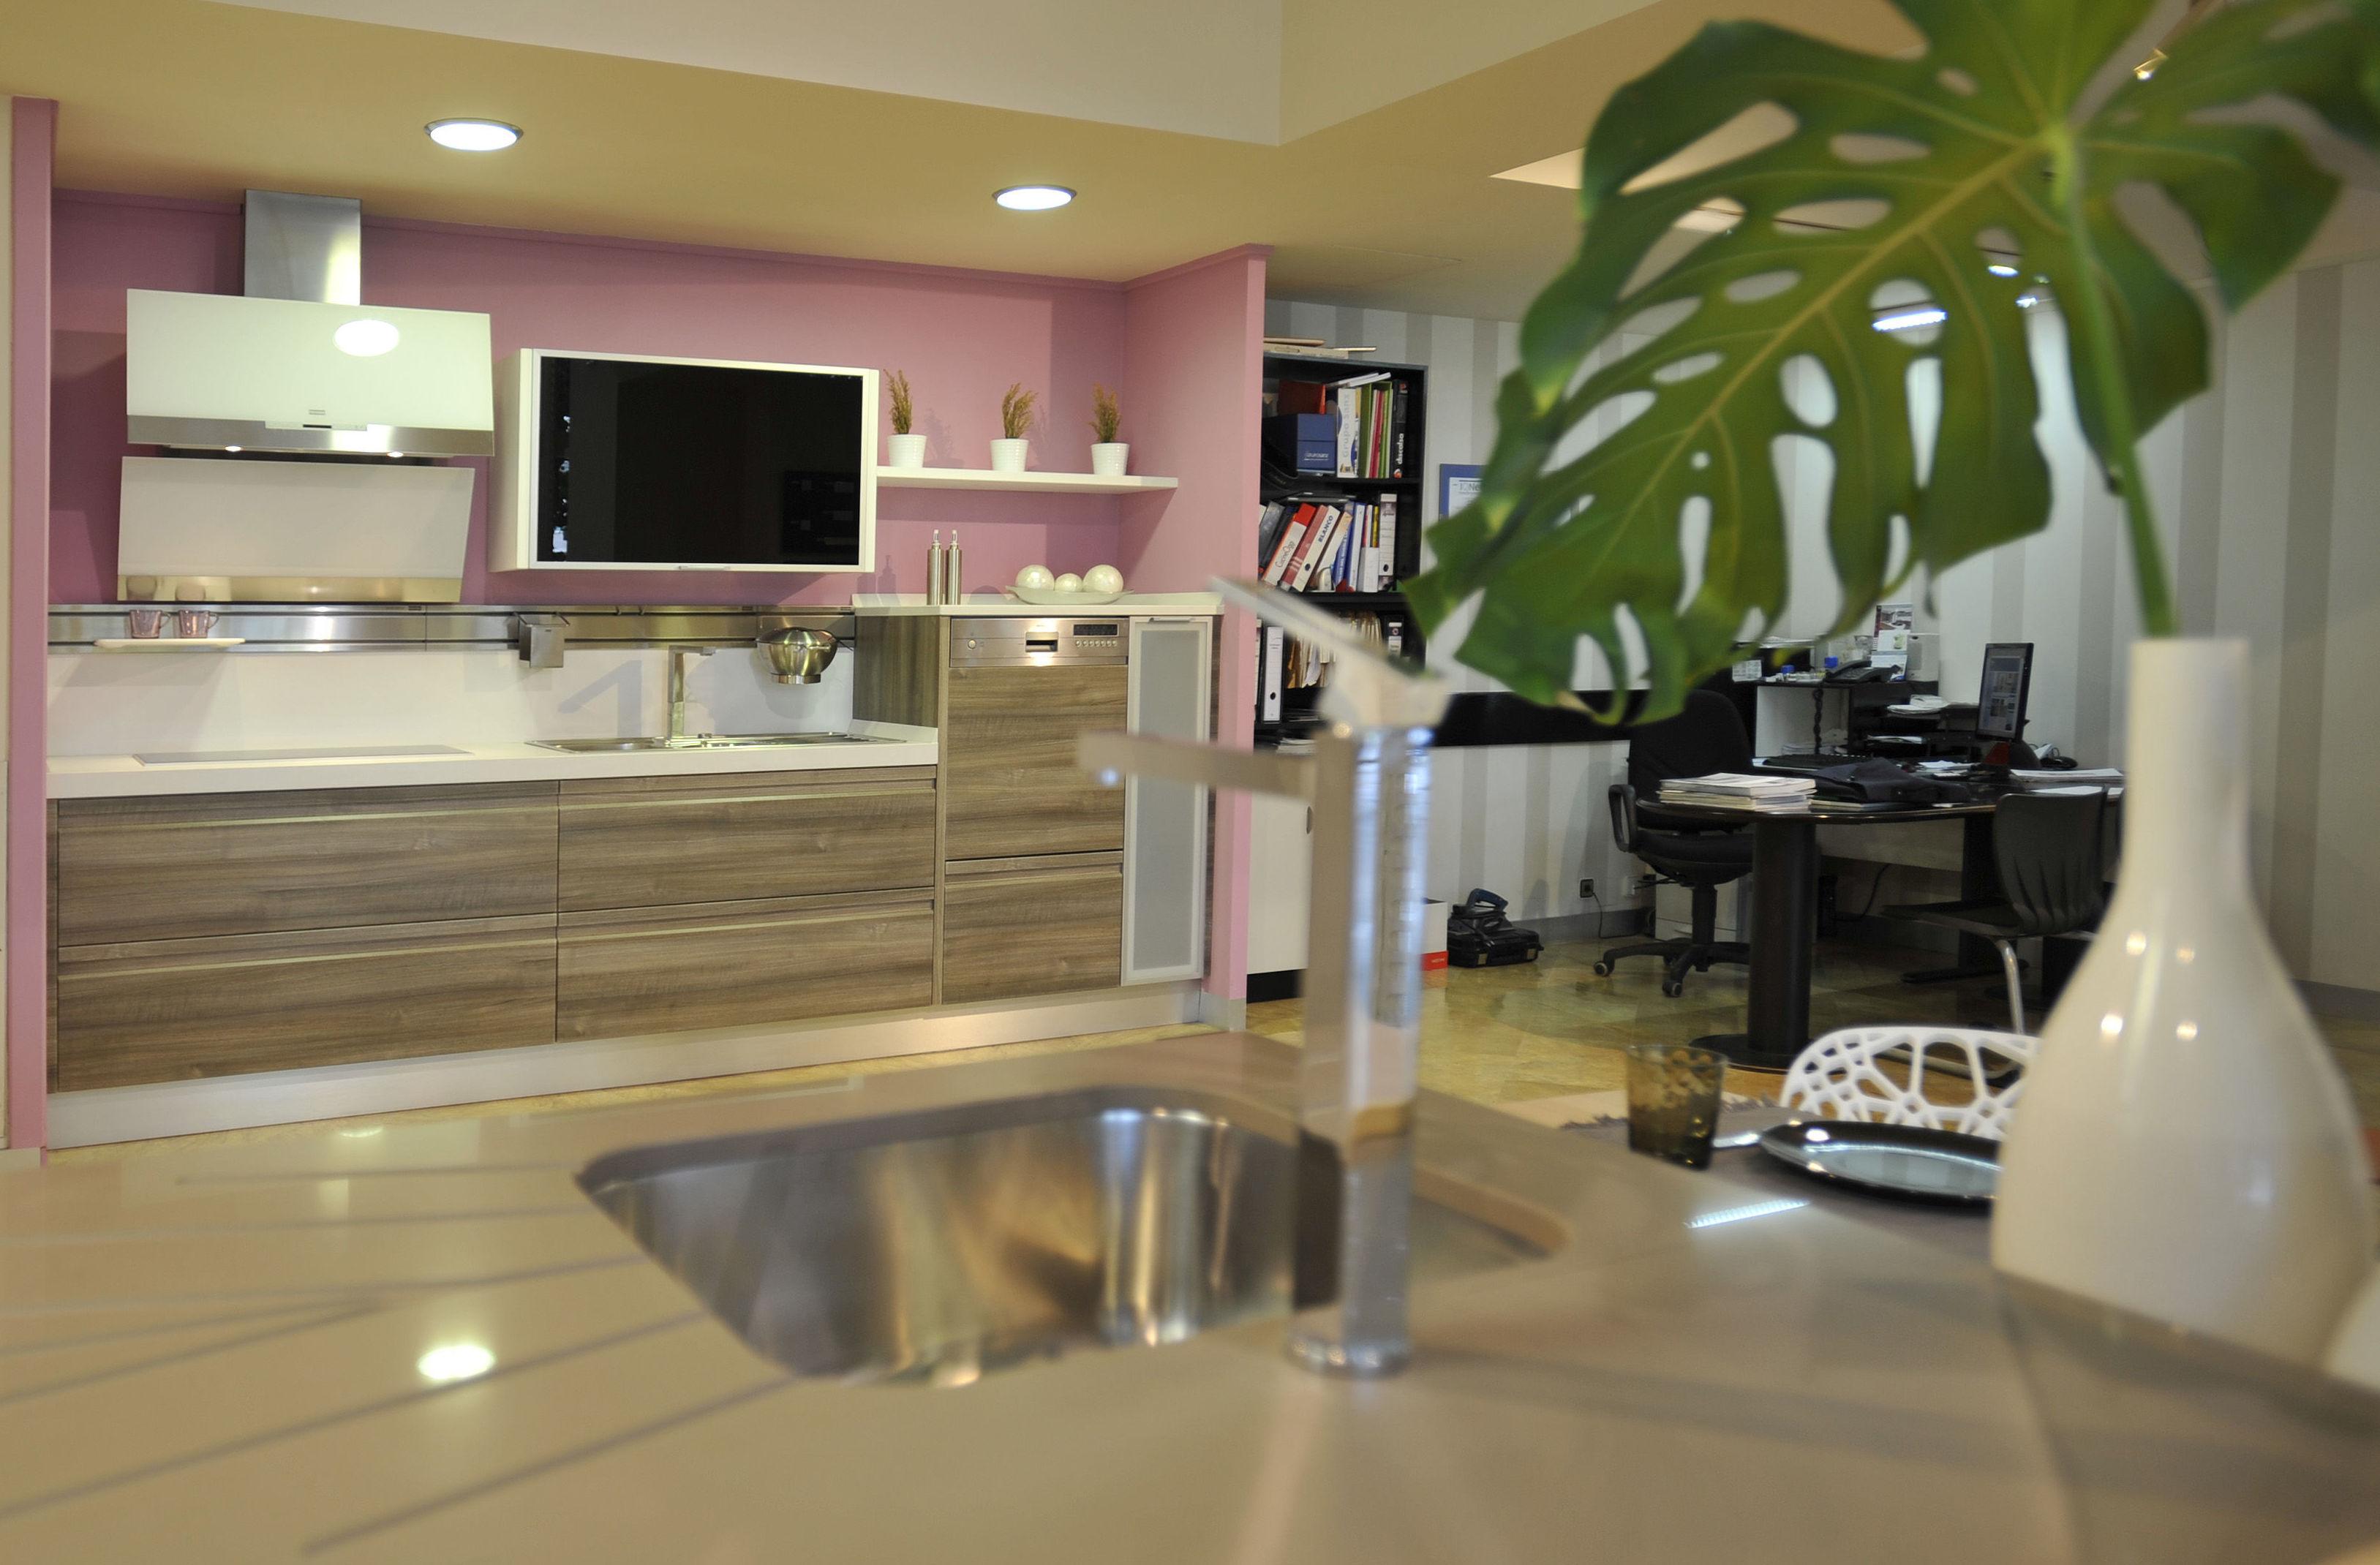 Foto 10 de Muebles de baño y cocina en Burgos | Ferroplas